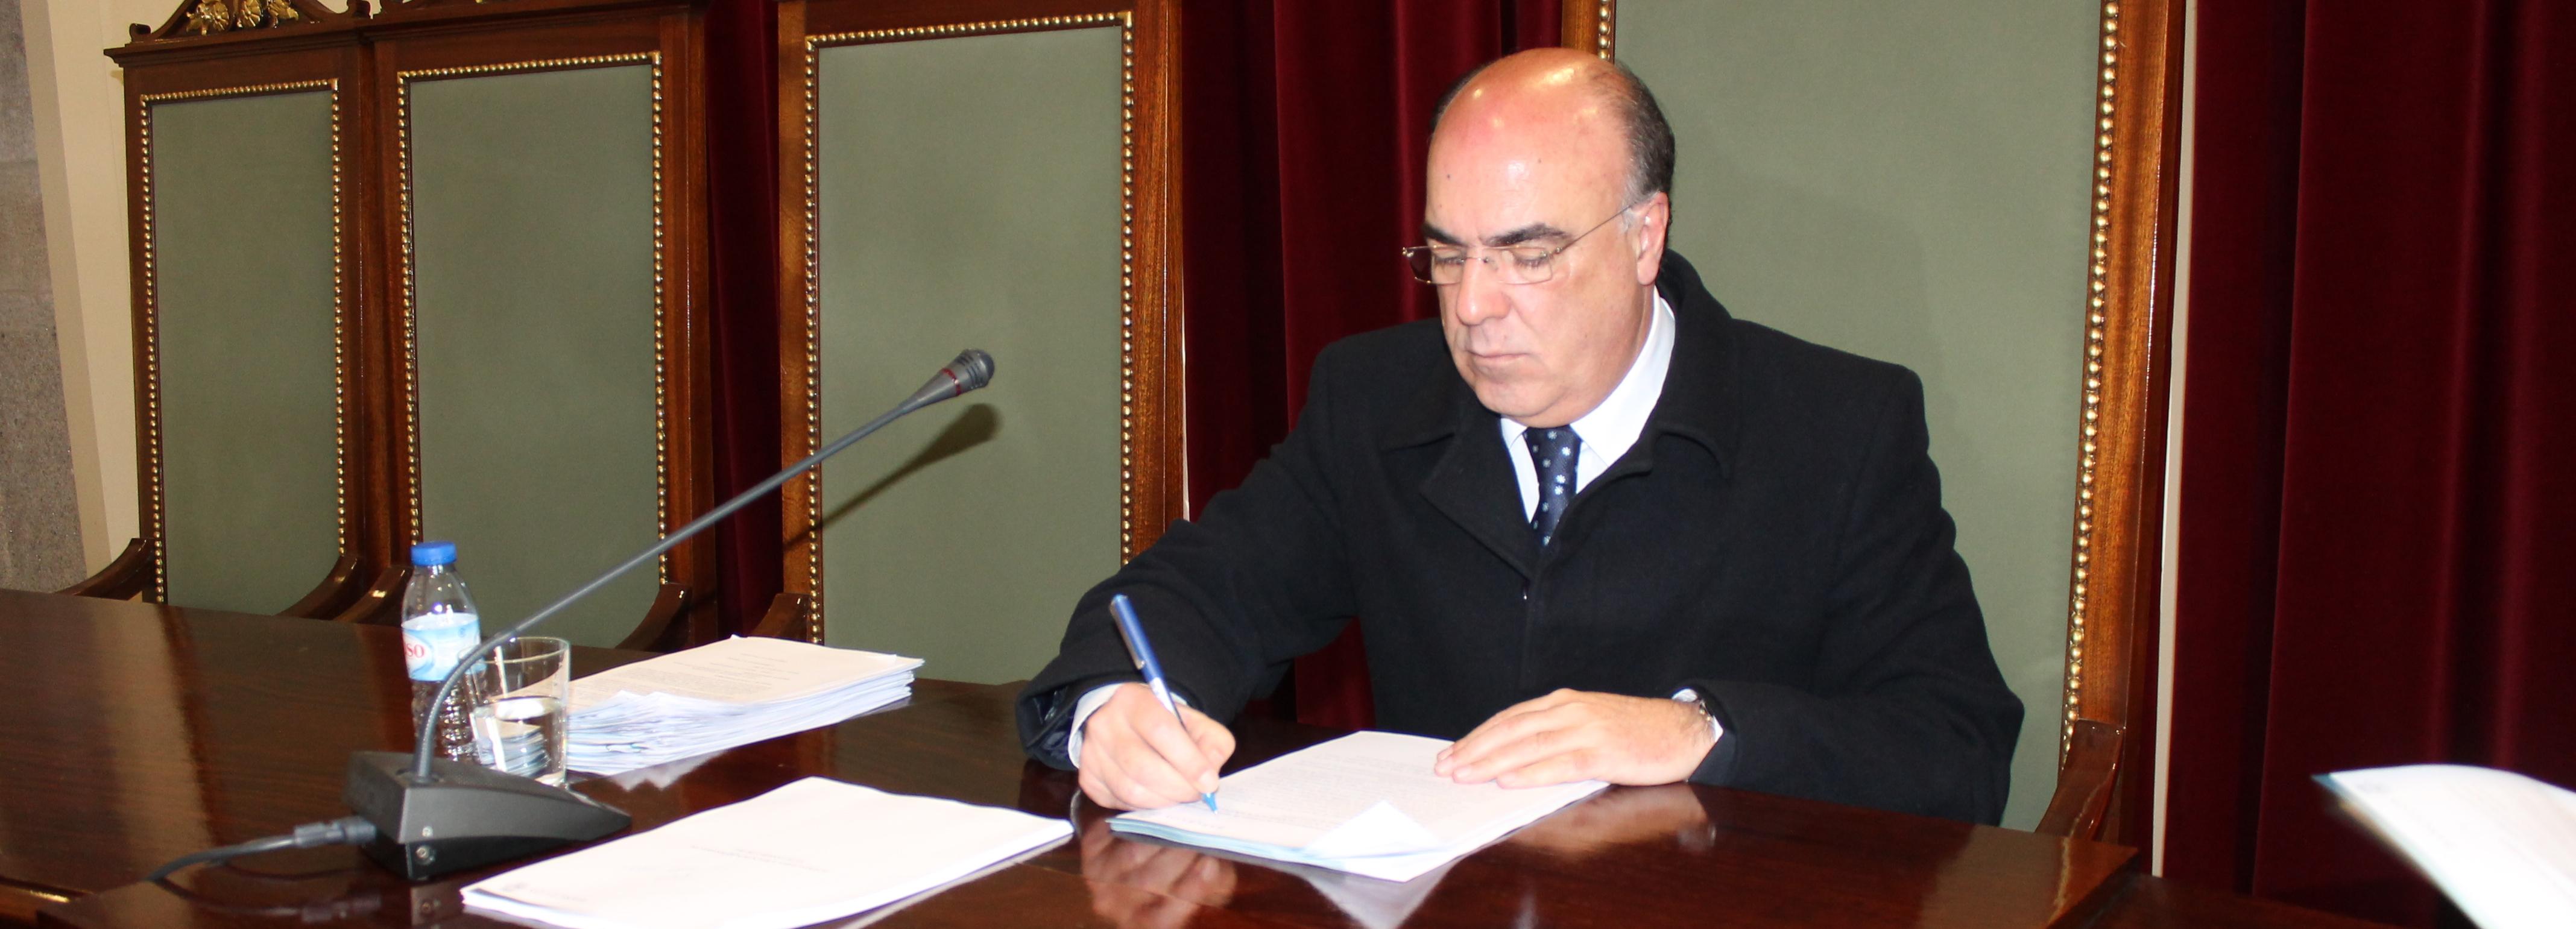 Câmara Municipal aprova 200 mil euros de subsídios para as freguesias e associações do concelho